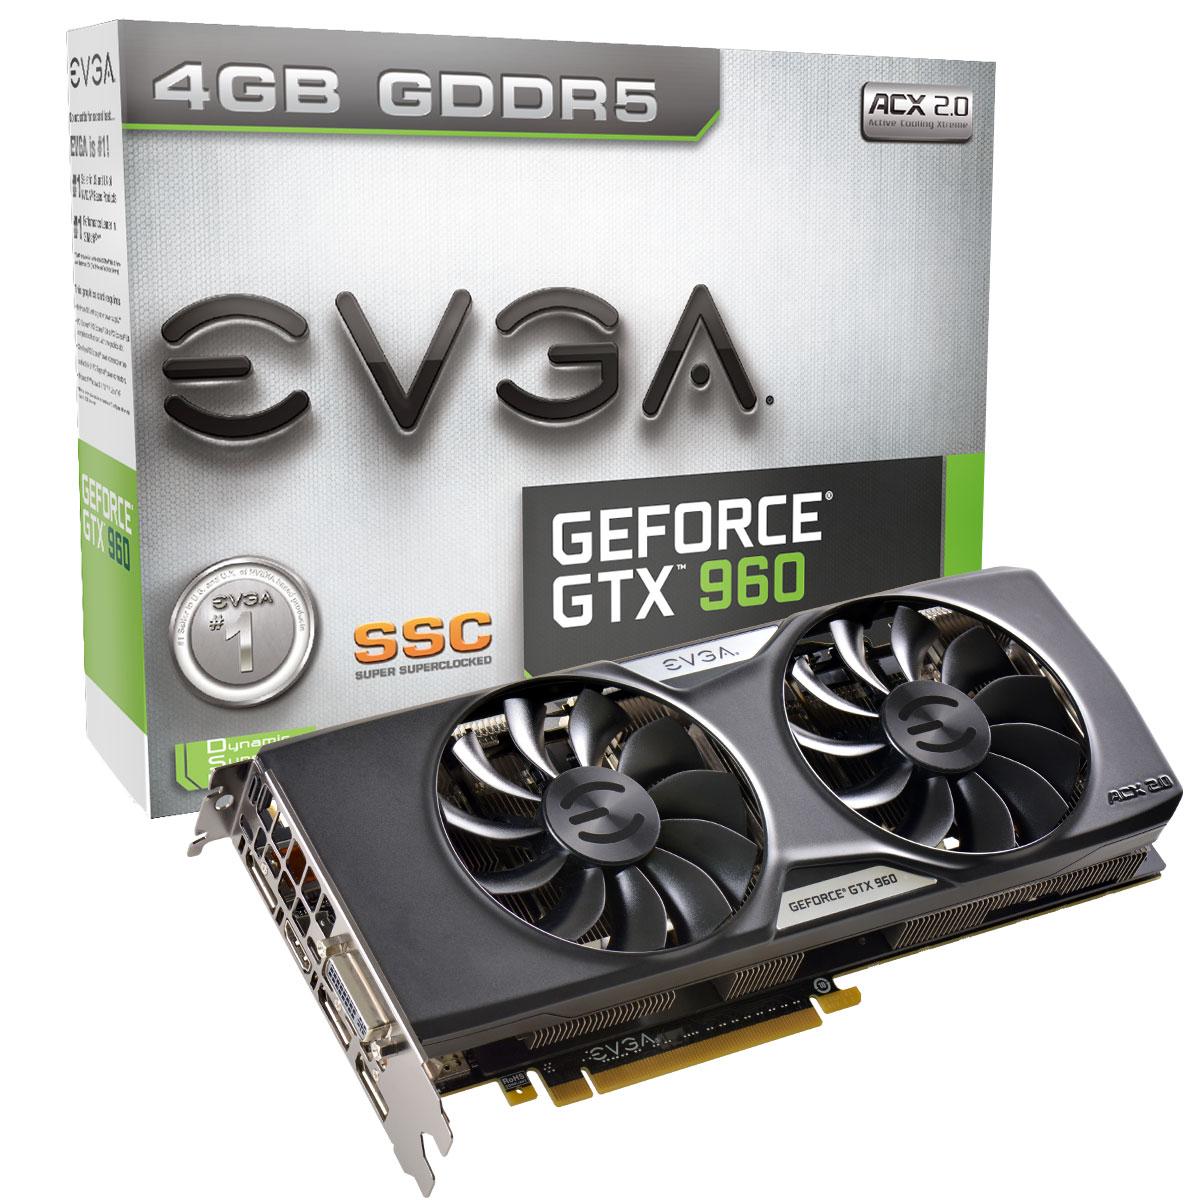 Evga-gtx-960-supesc-1